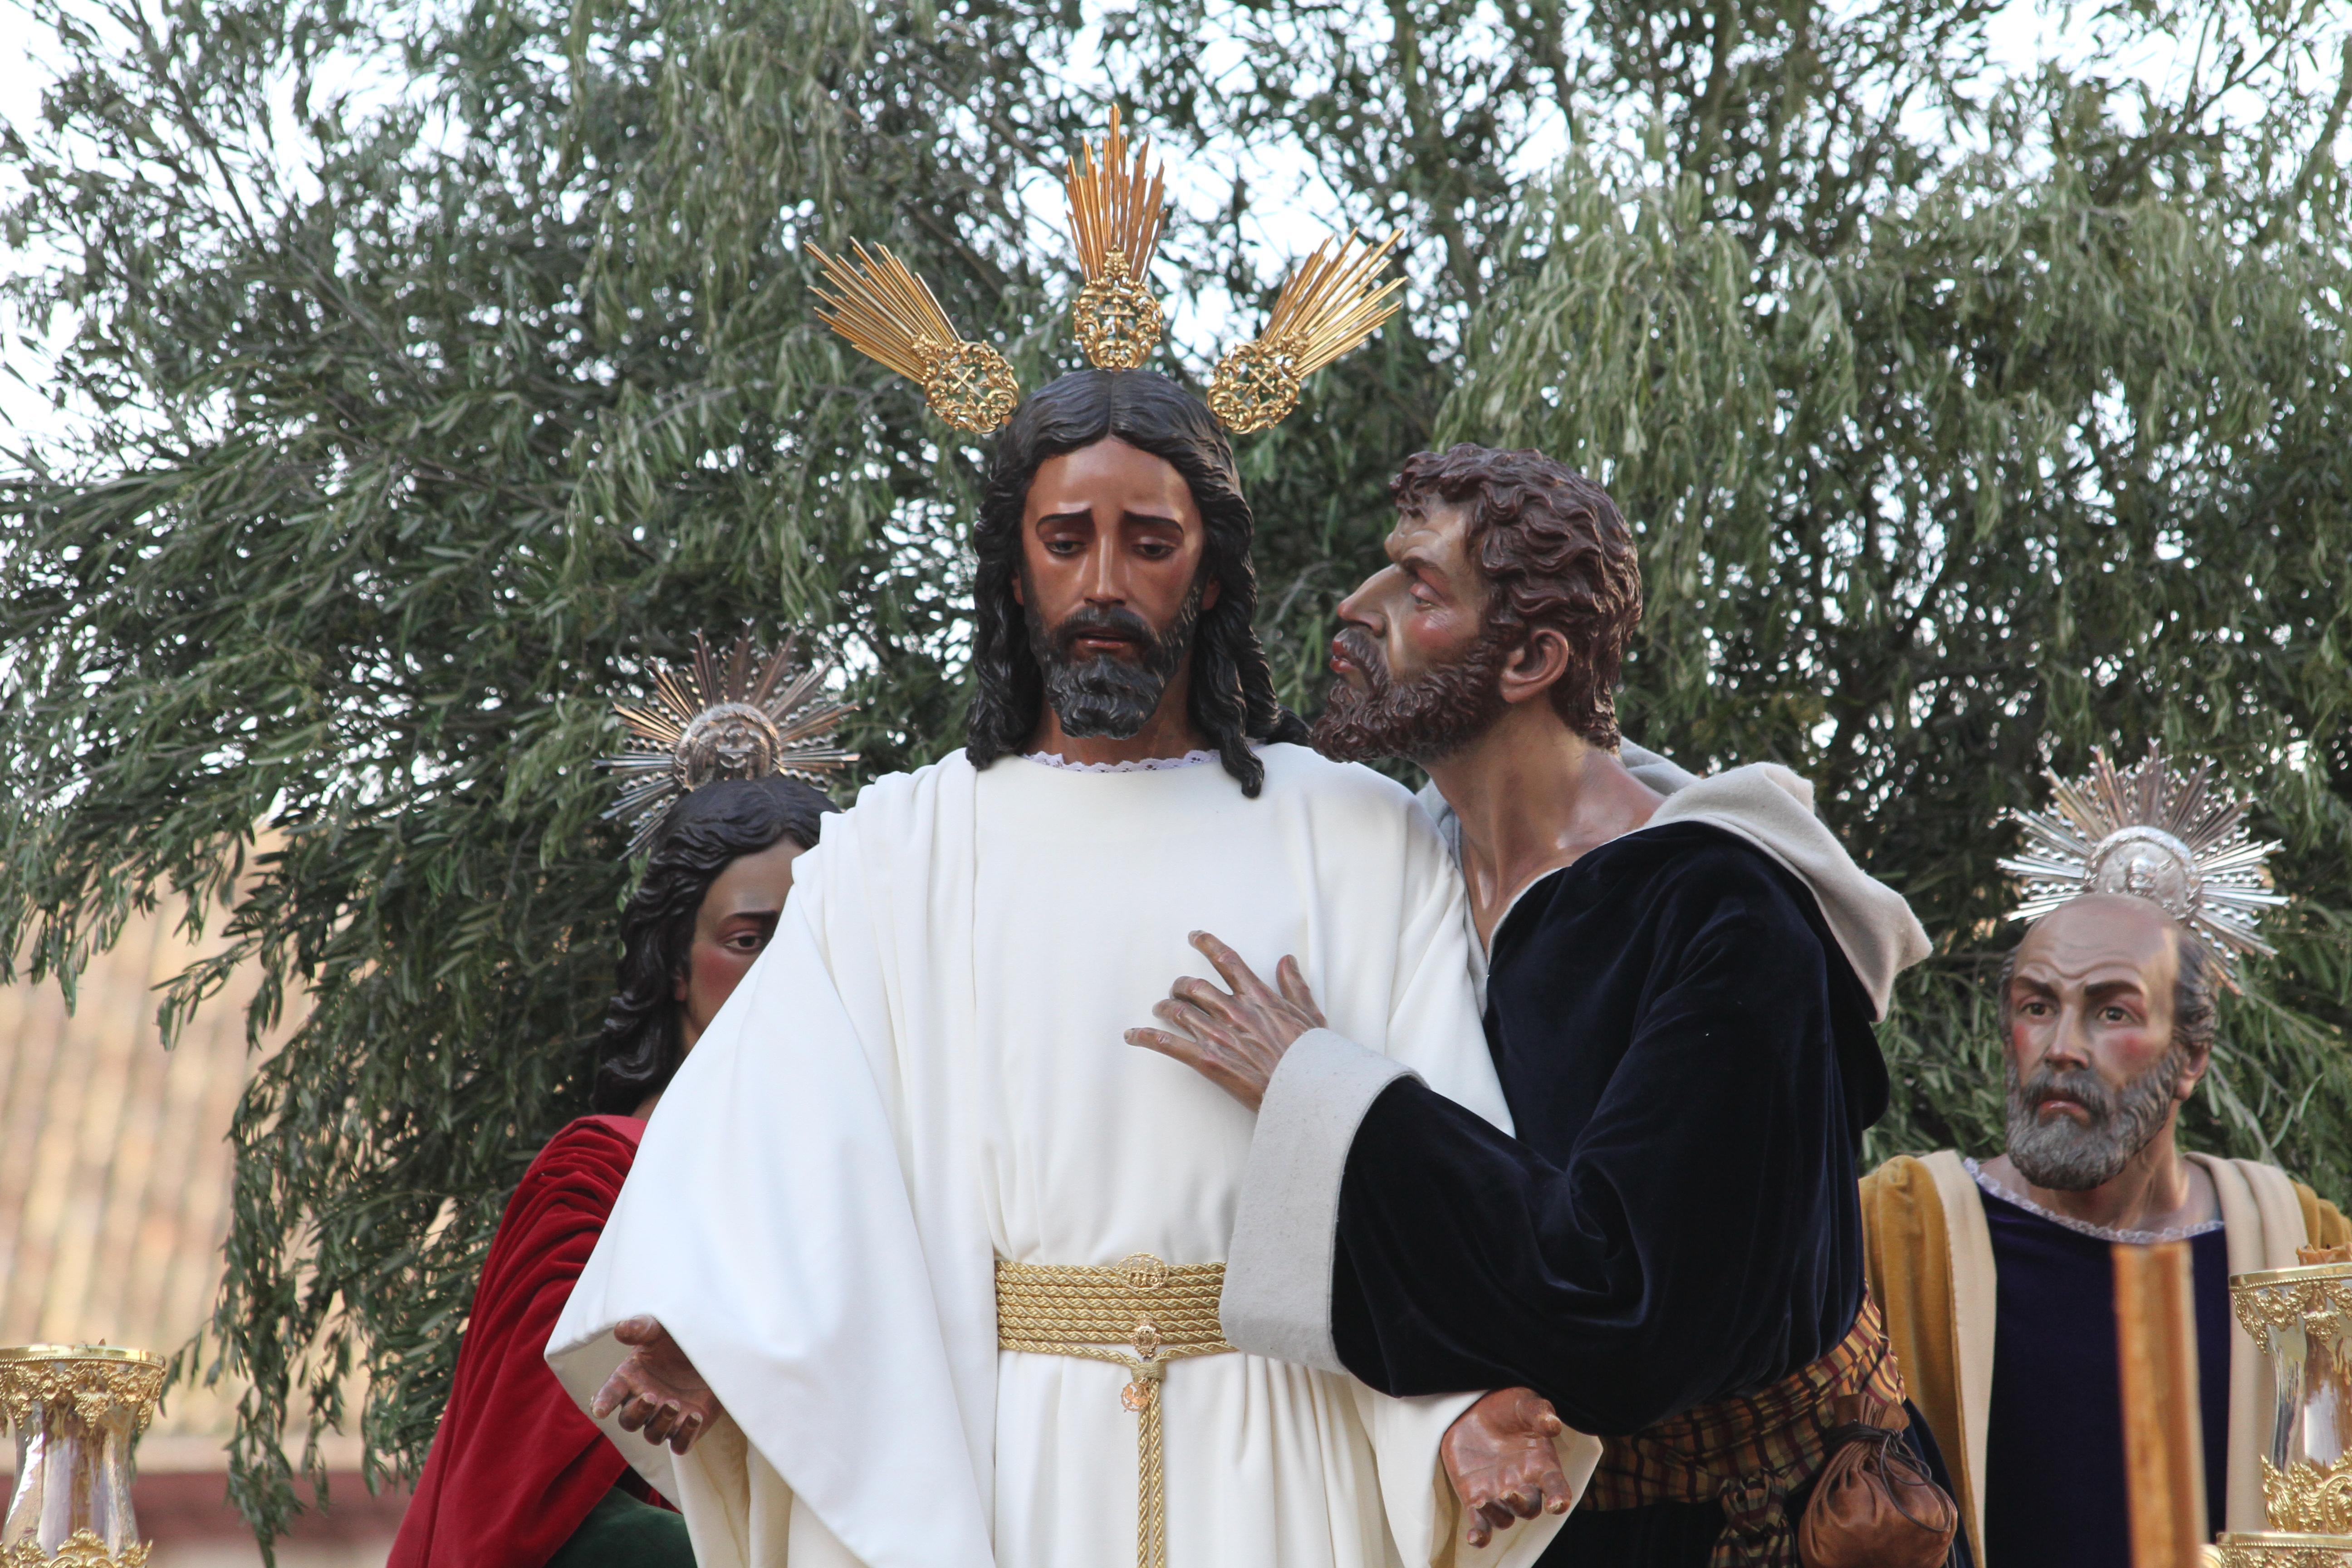 Hermandad de la Redención (El Beso de Judas)